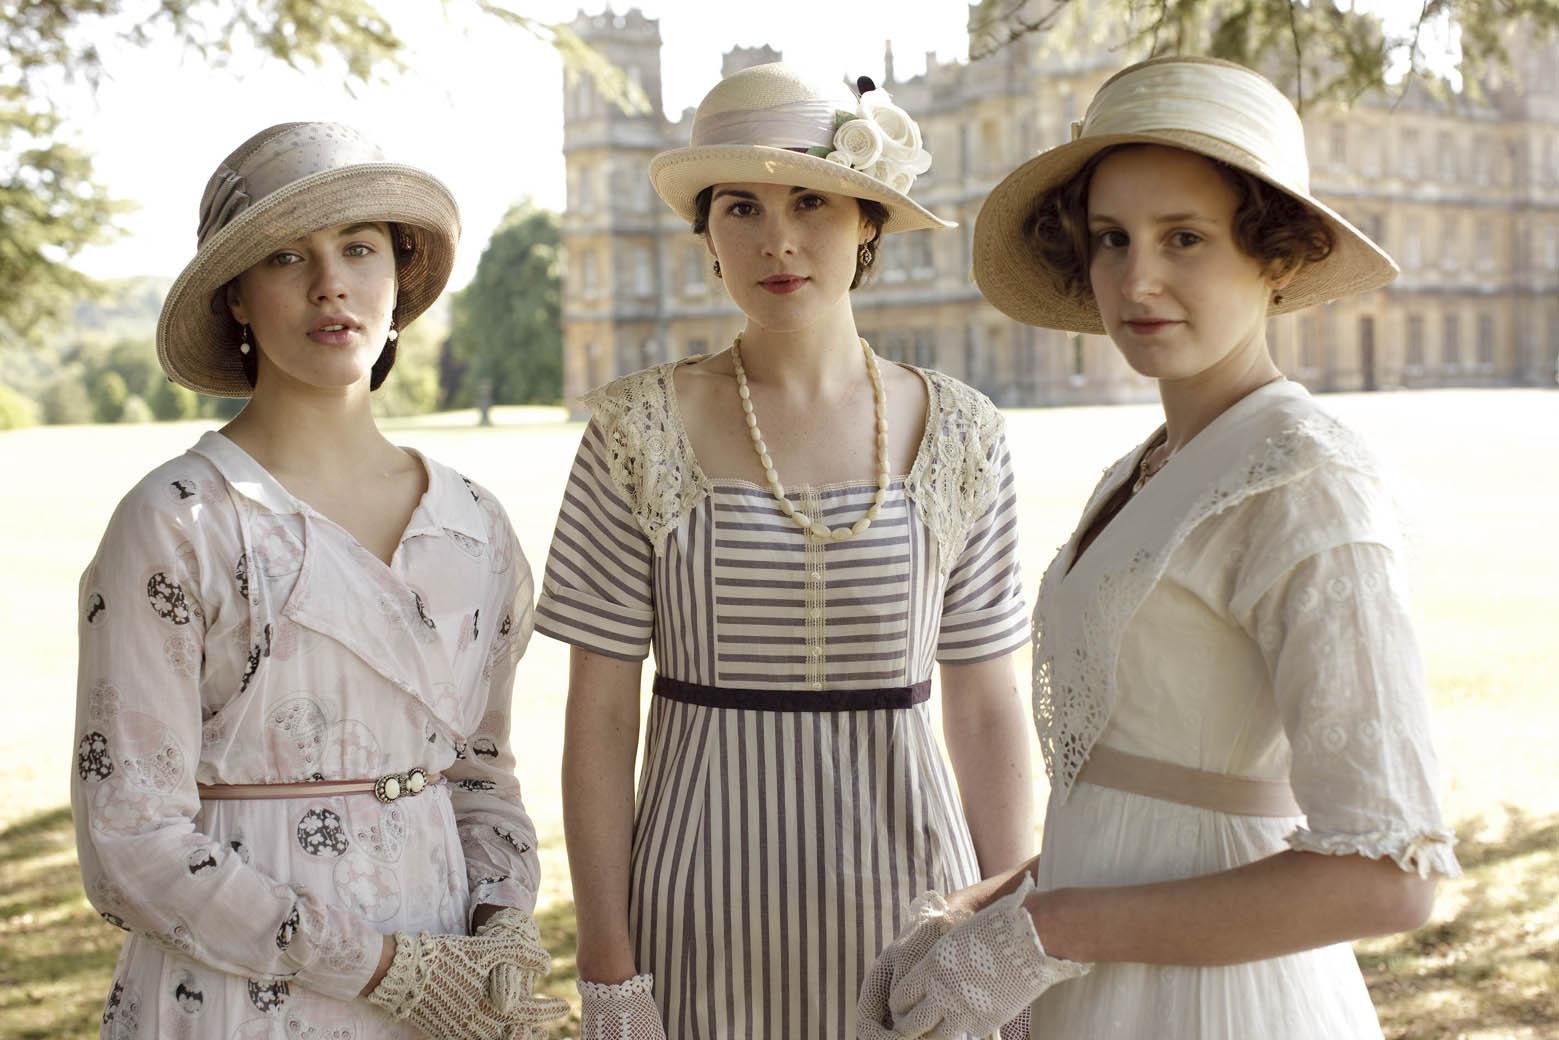 Model Downton Abbey